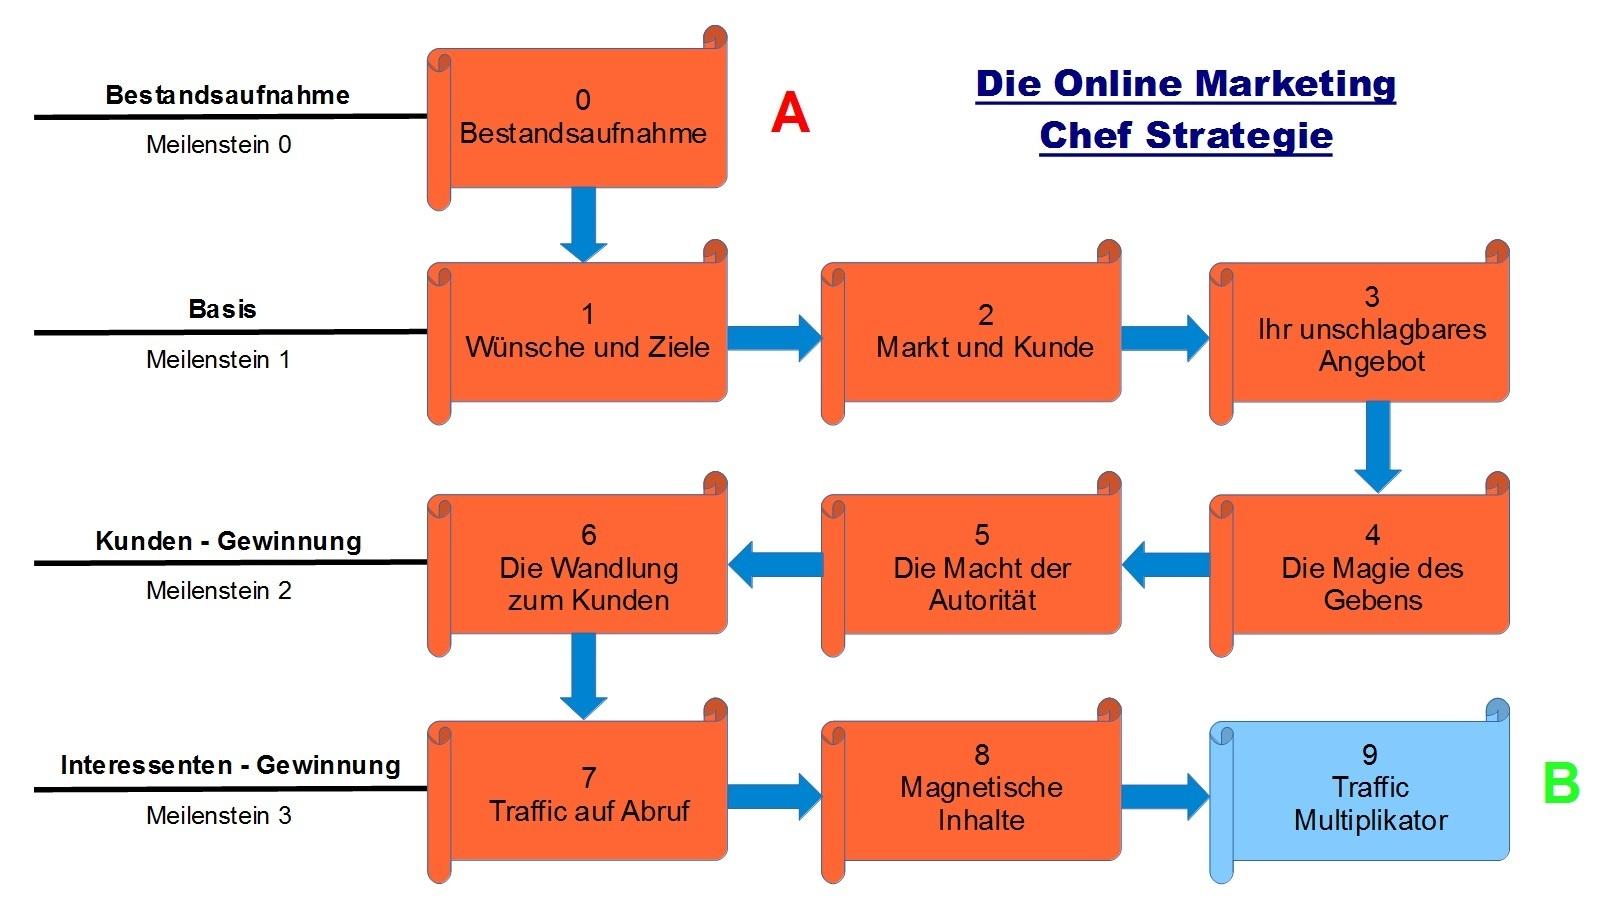 Schritt 9 - Die Online Marketing Chef Strategie